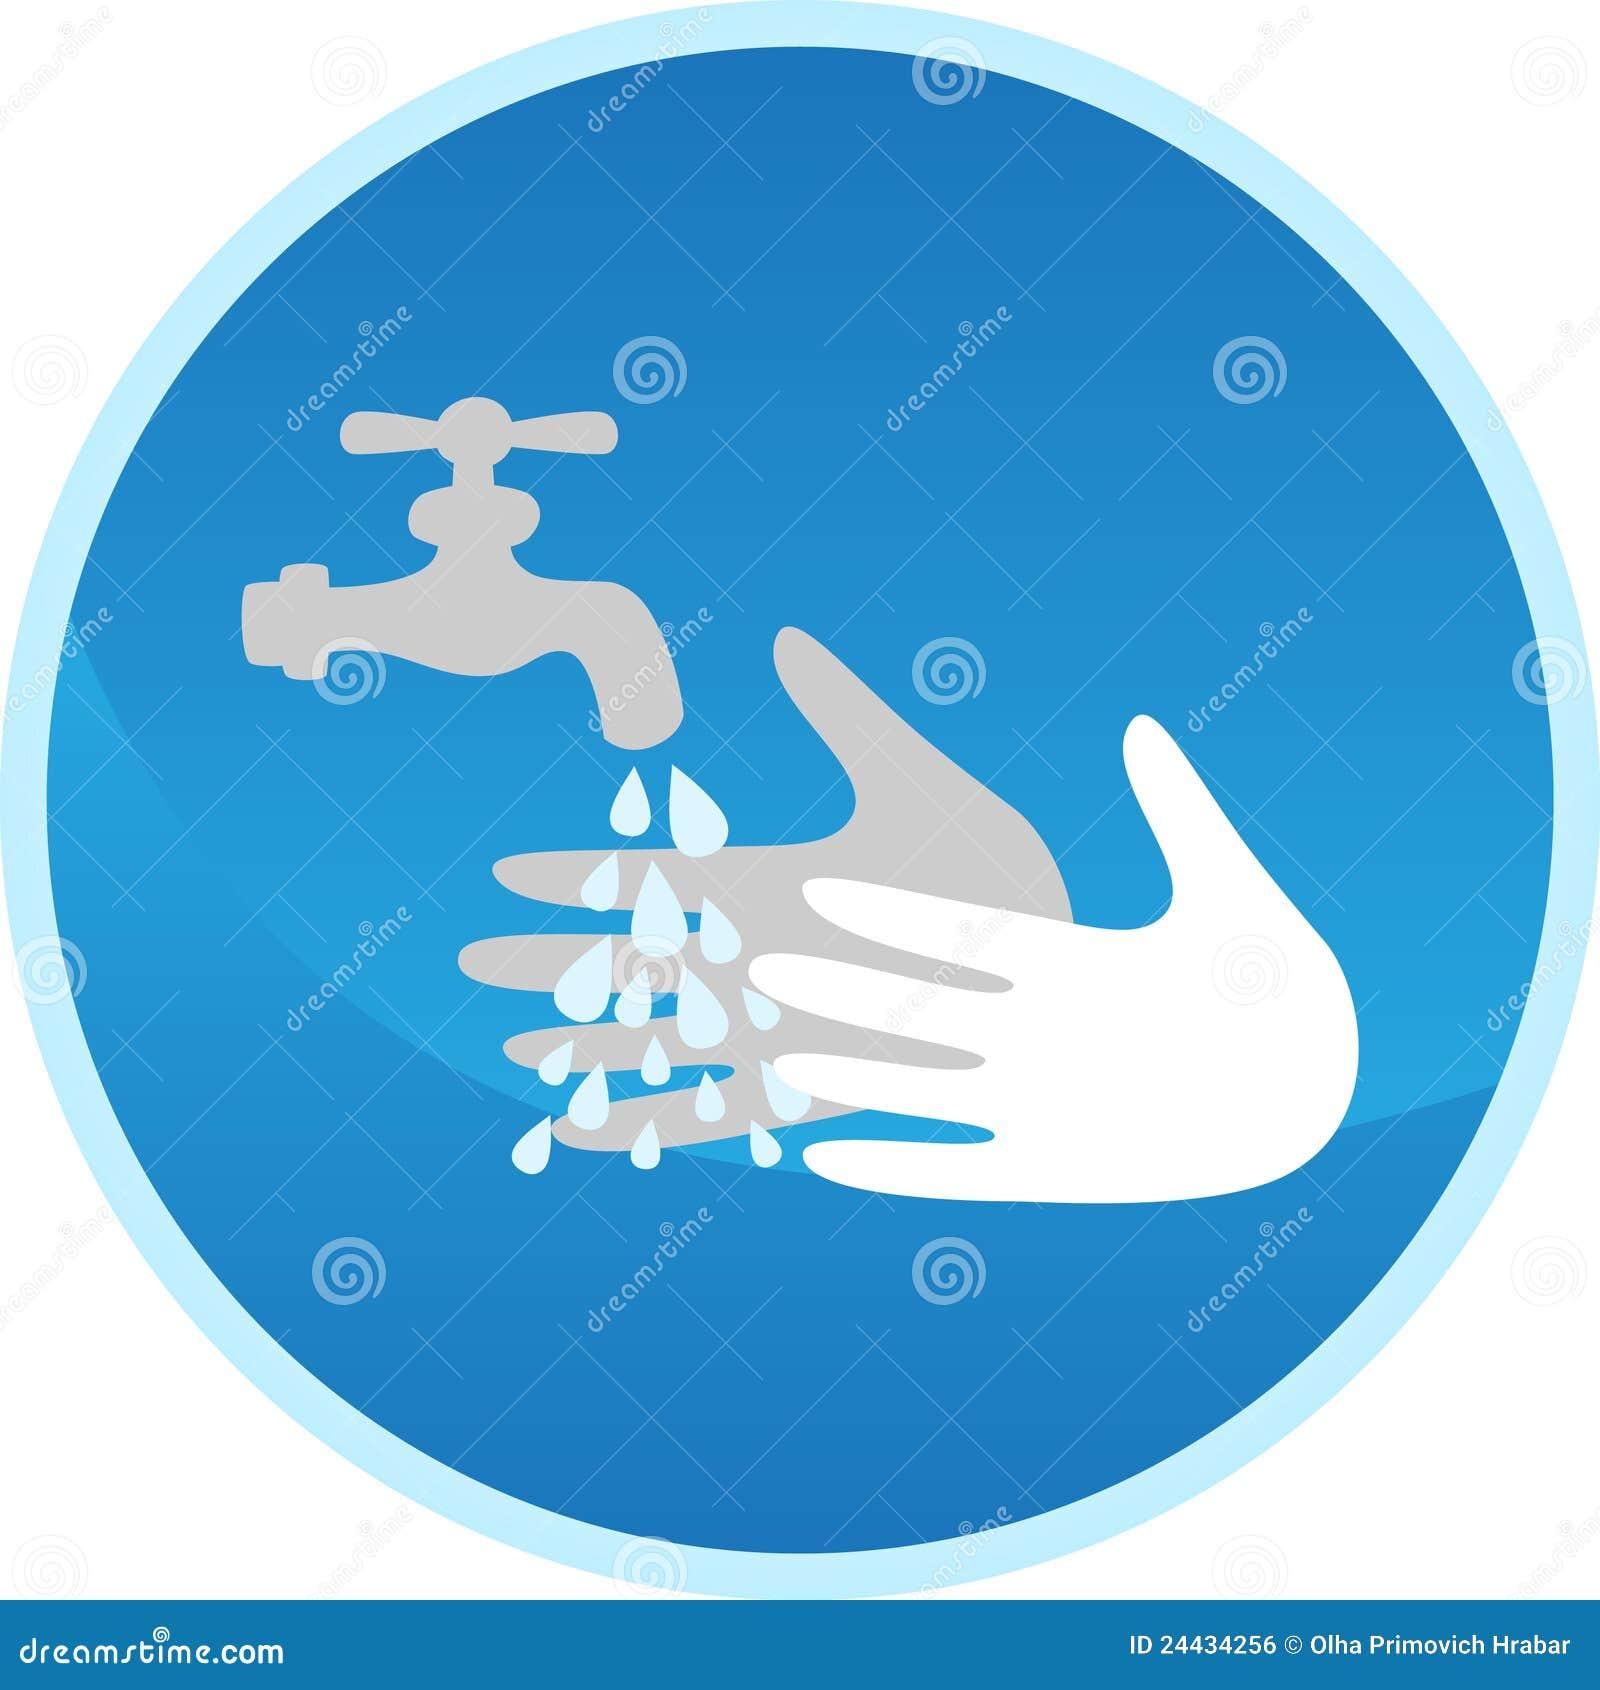 Handwaschendes Zeichen